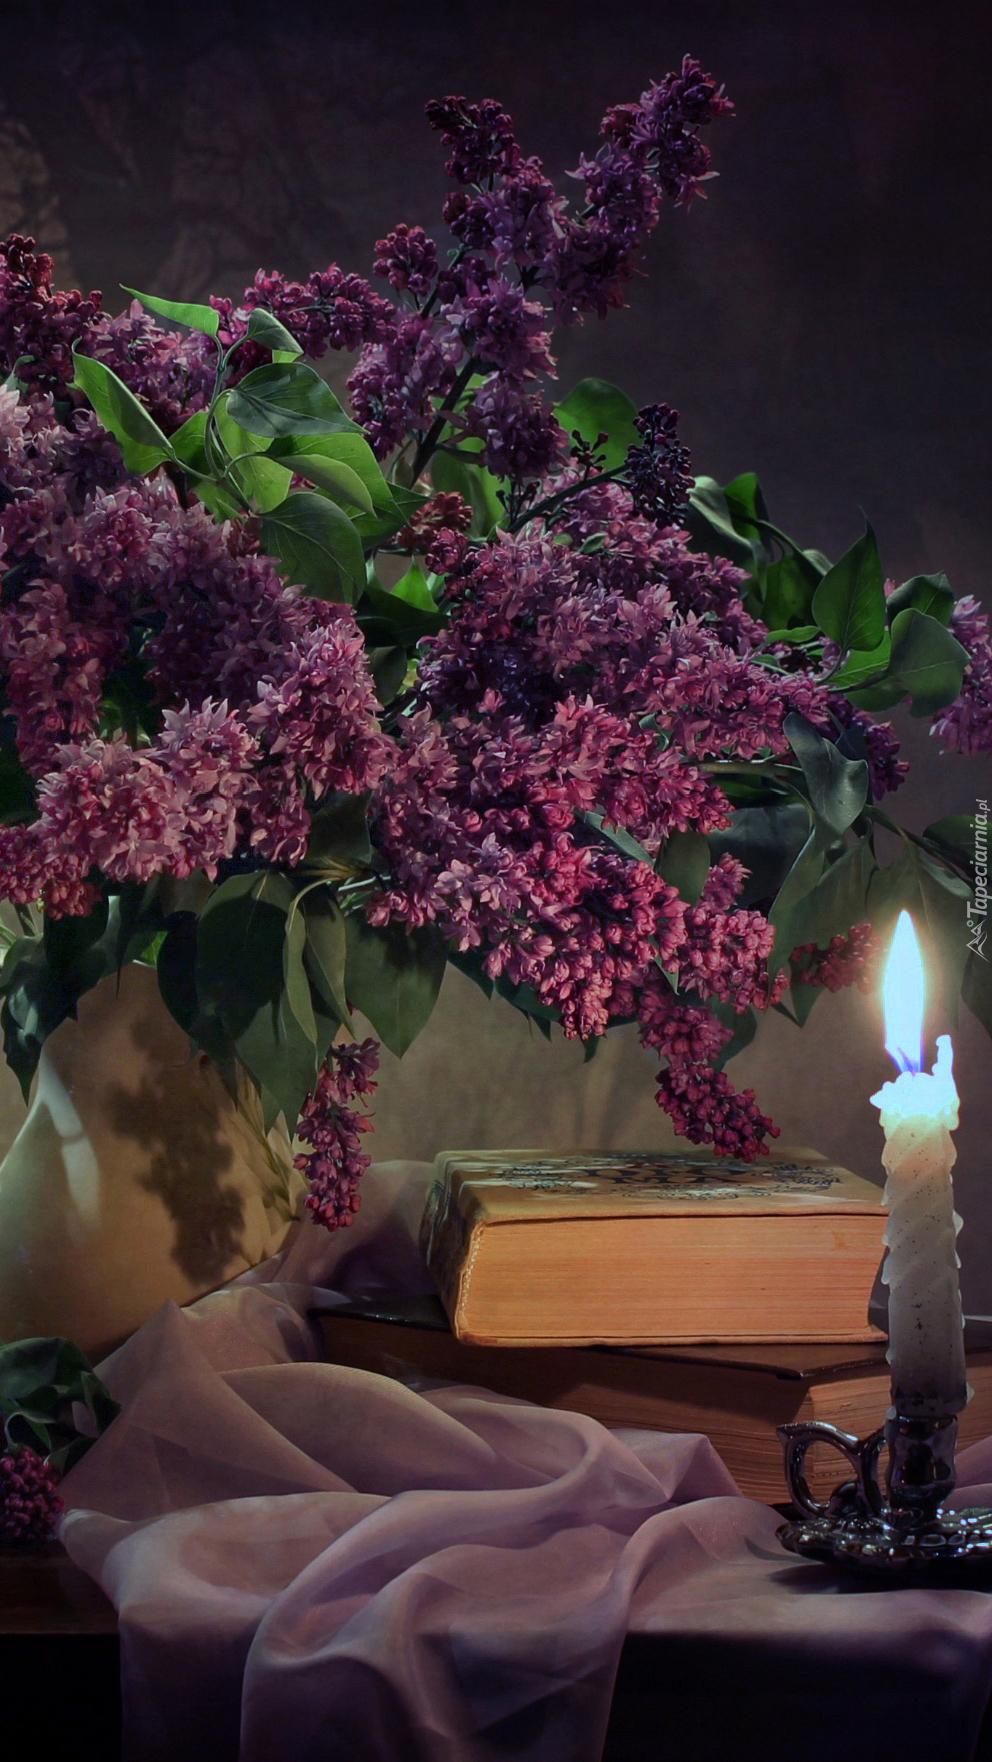 Kwiaty bzu obok książki i świecy na stole